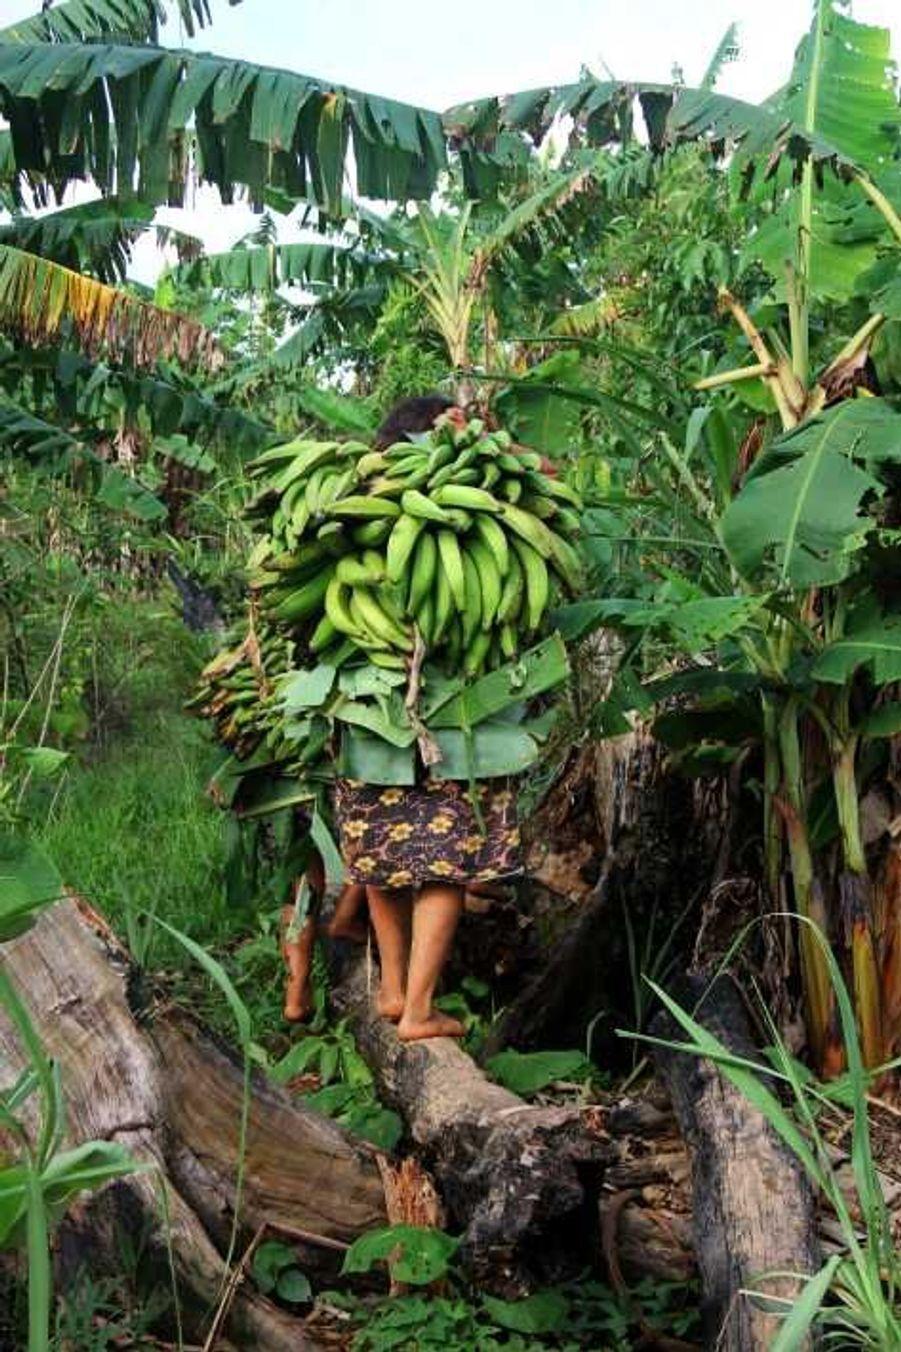 Les Matsés cultivent une large variété de plantes comestibles dans leurs jardins, dont la banane-plantain et le manioc, leur nourriture de base.«Nous ne consommons pas de nourriture industrielle, nous n'achetons rien. C'est pourquoi nous avons besoin d'espace pour cultiver notre propre nourriture», dit Antonina Duni, une femme matsés.